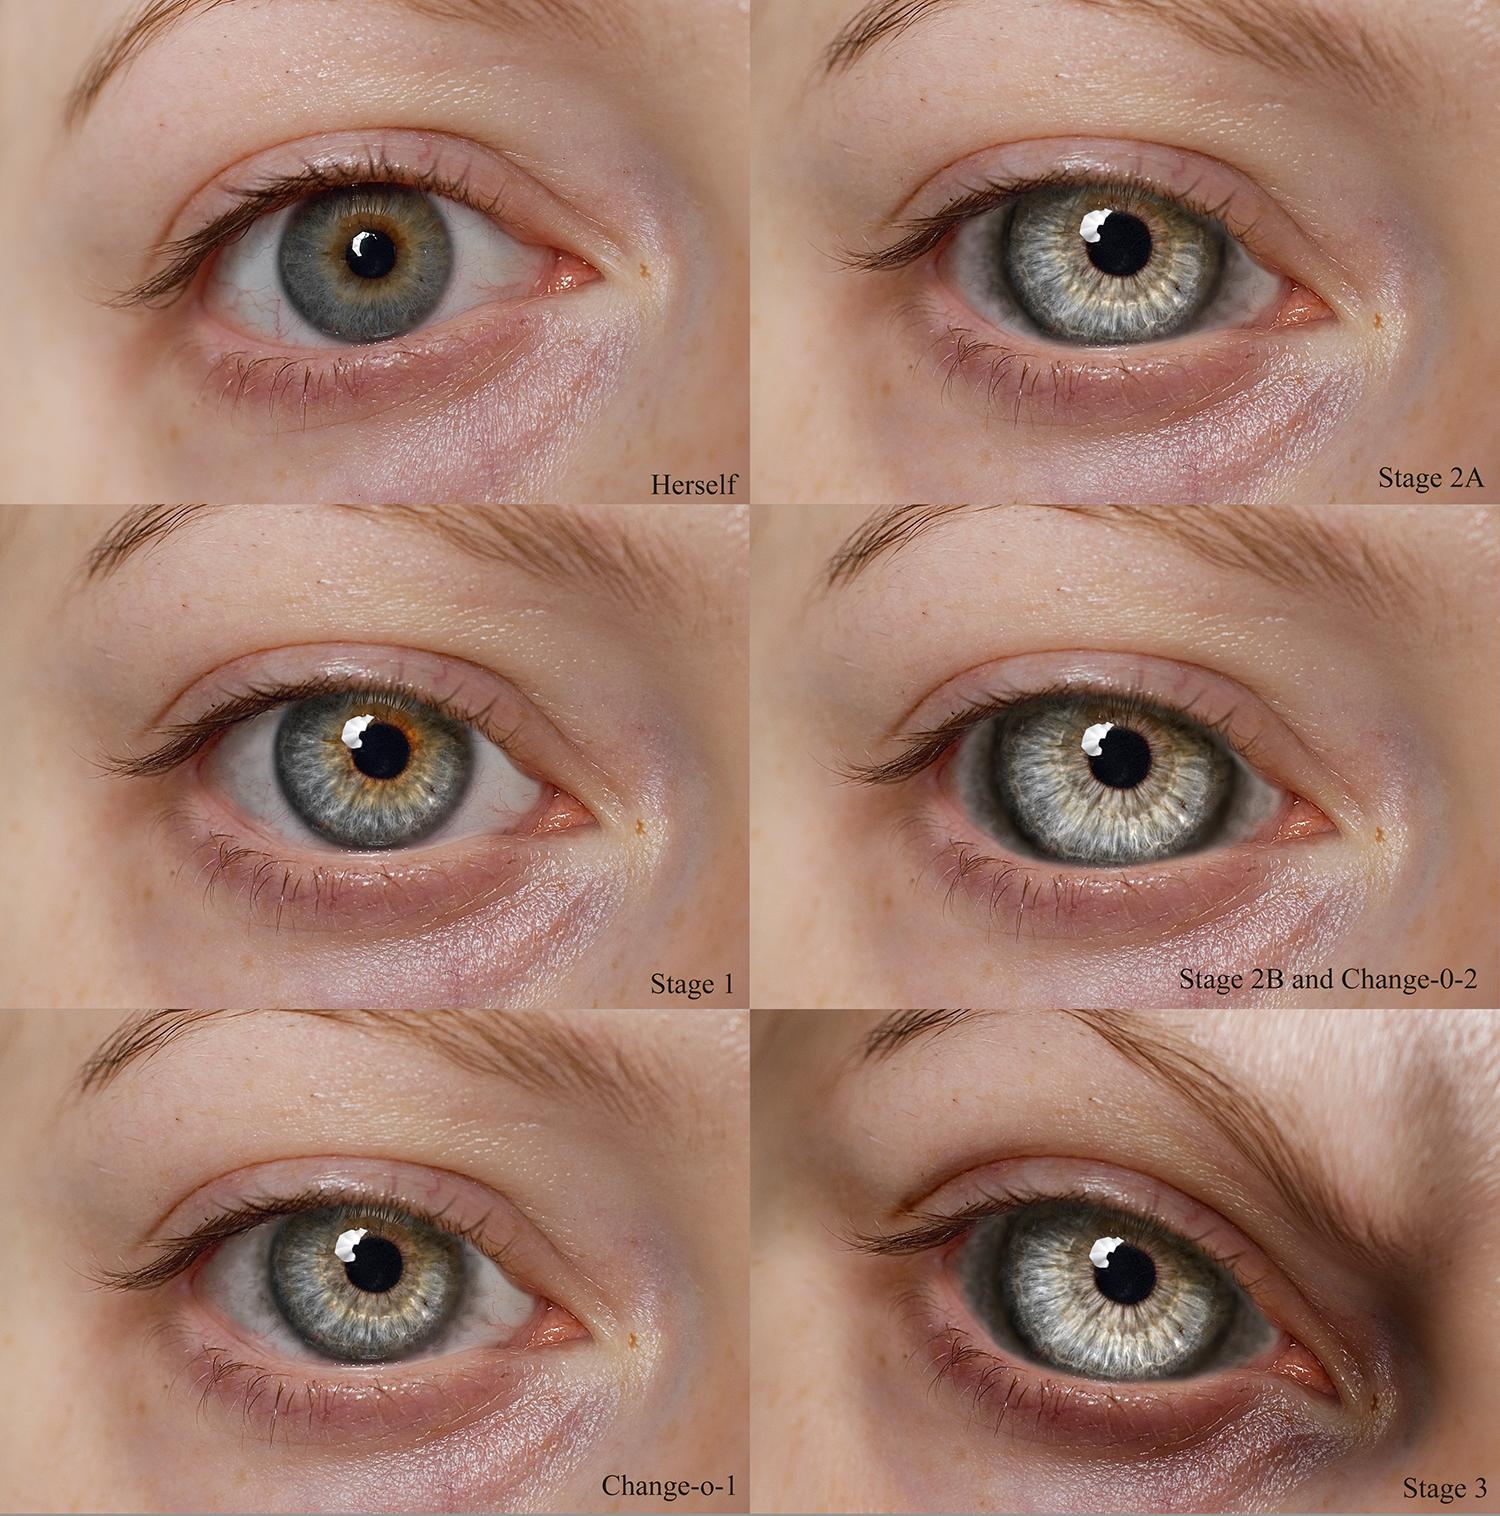 eyedesign copy.jpg